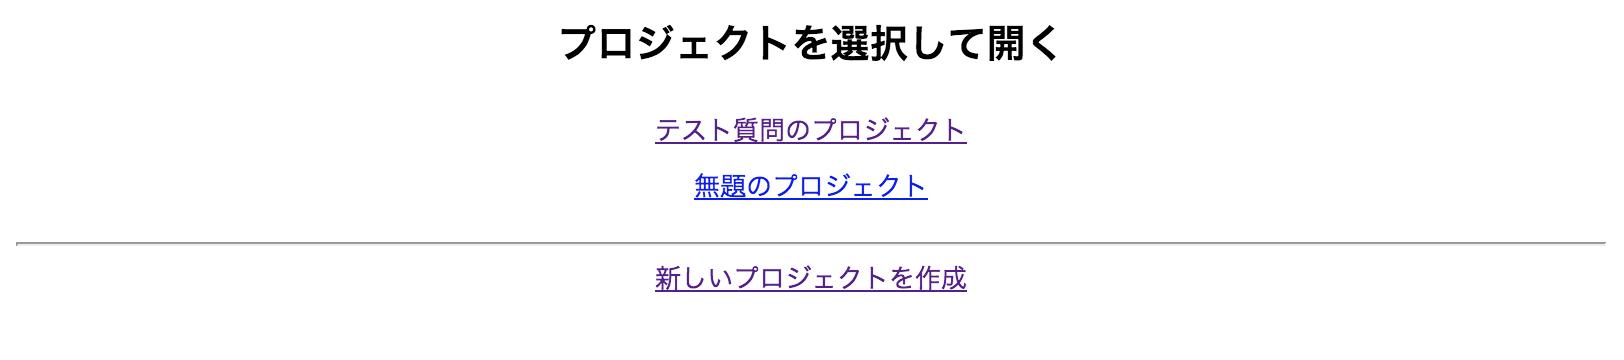 複数の Google Apps Script プロジェクトがある場合は簡素な選択画面が表示された。